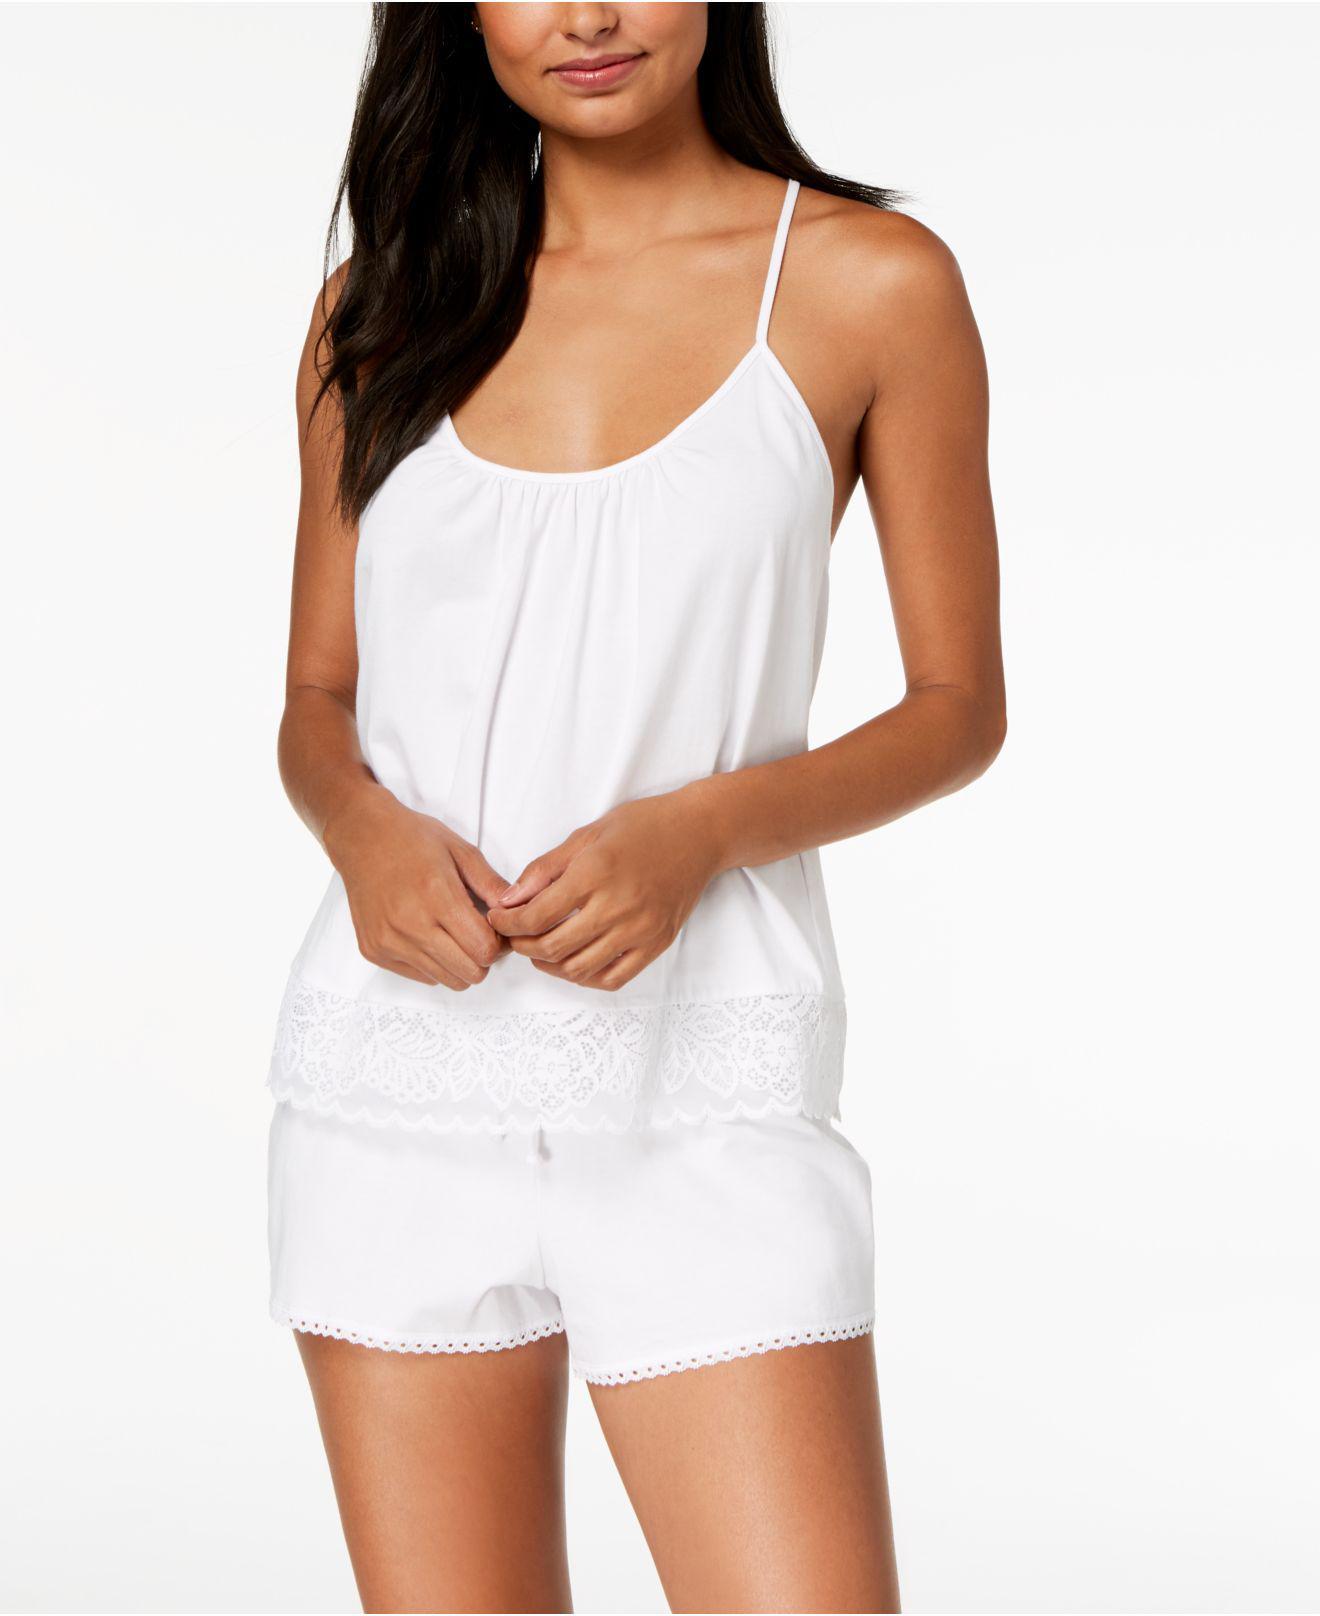 bc84e9e975 Lyst - Linea Donatella Festival Bridal Lace-trim Pajama Set in White